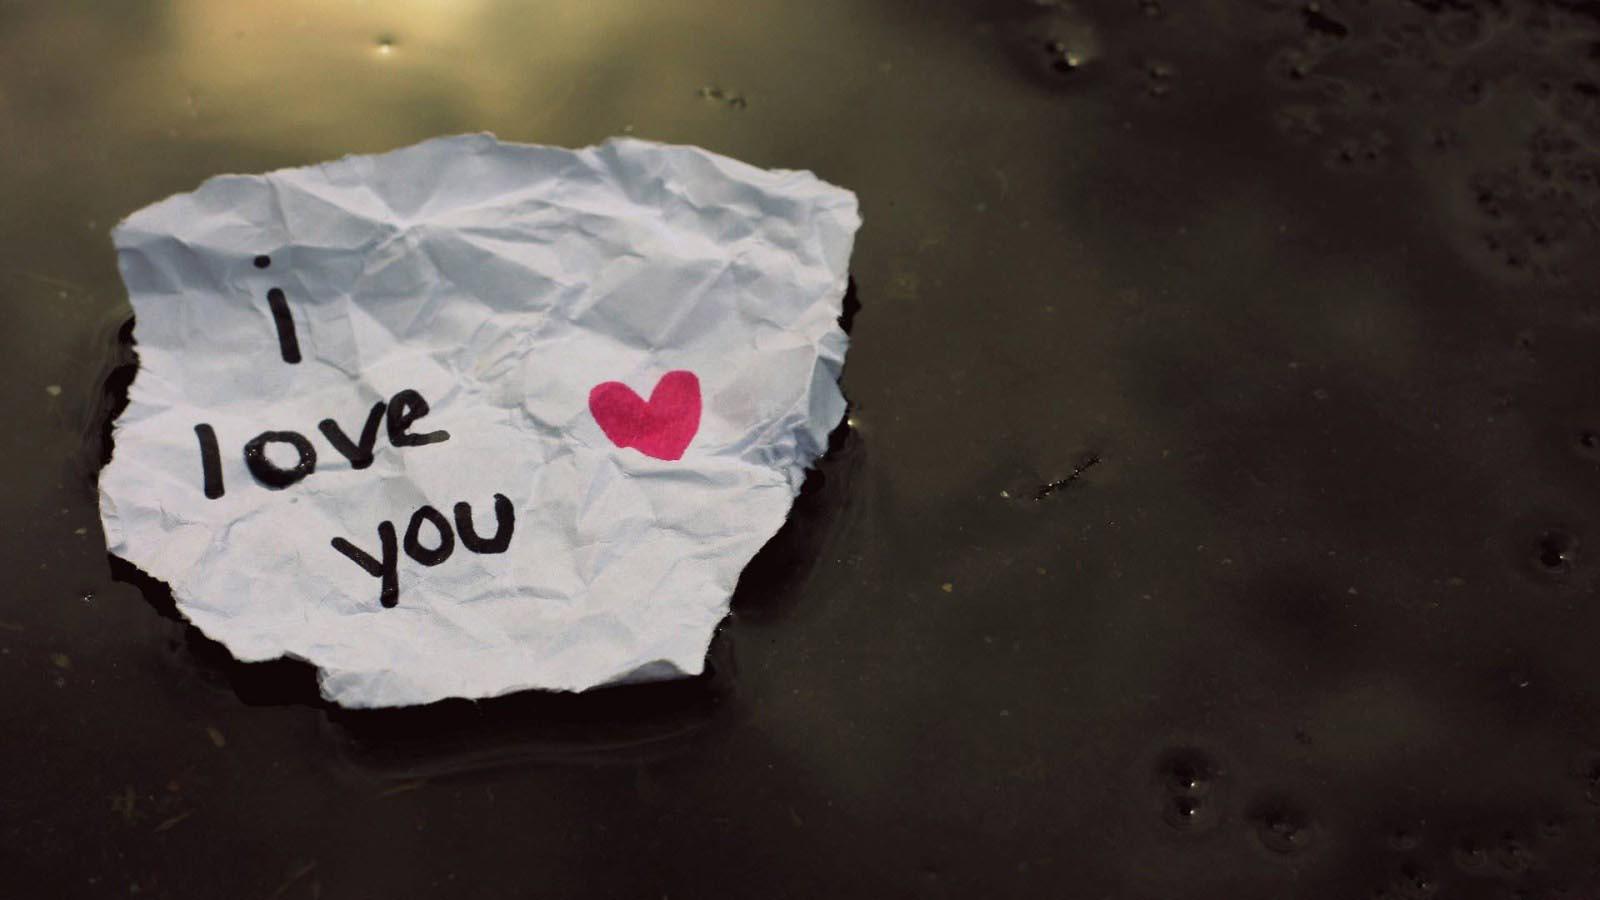 بالصور رسائل الجوال , رسائل جوال رومانسيه جميله 2075 9